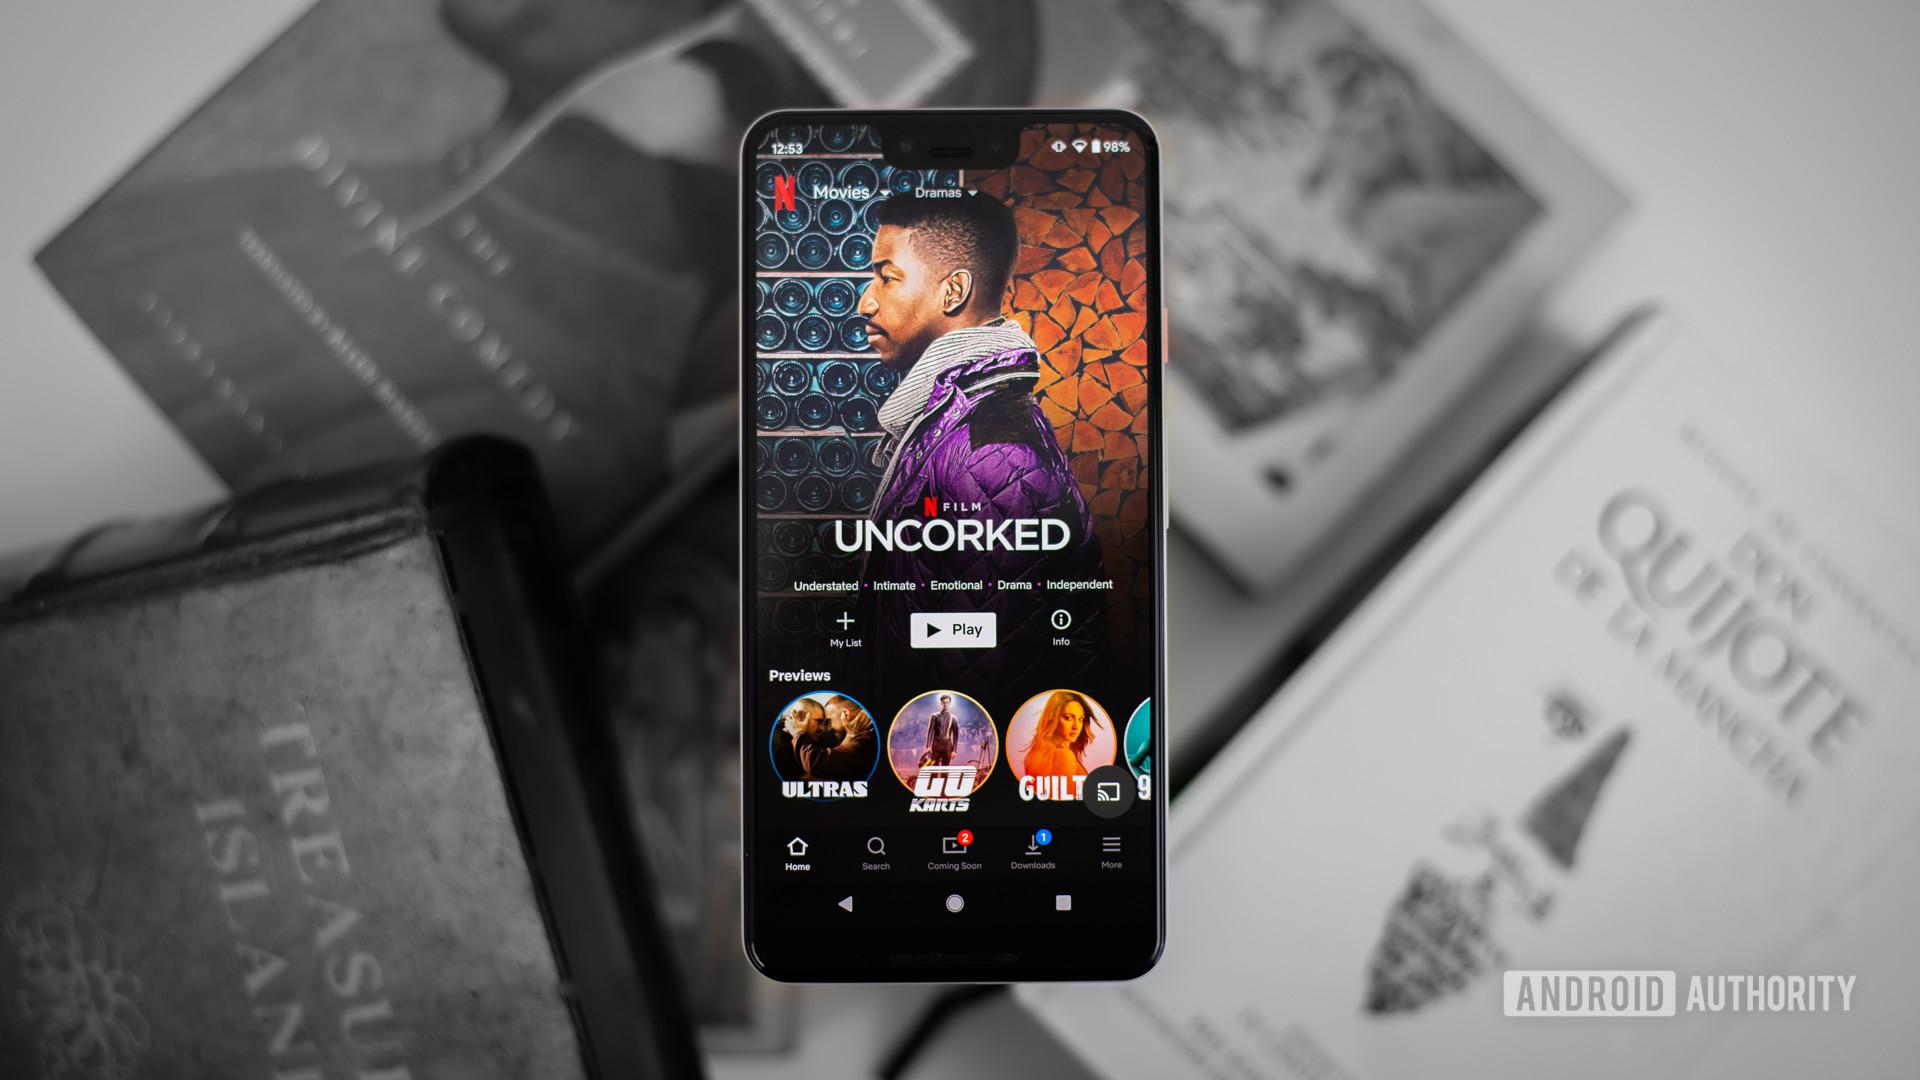 Phim truyền hình Netflix trên điện thoại thông minh stock photo 1